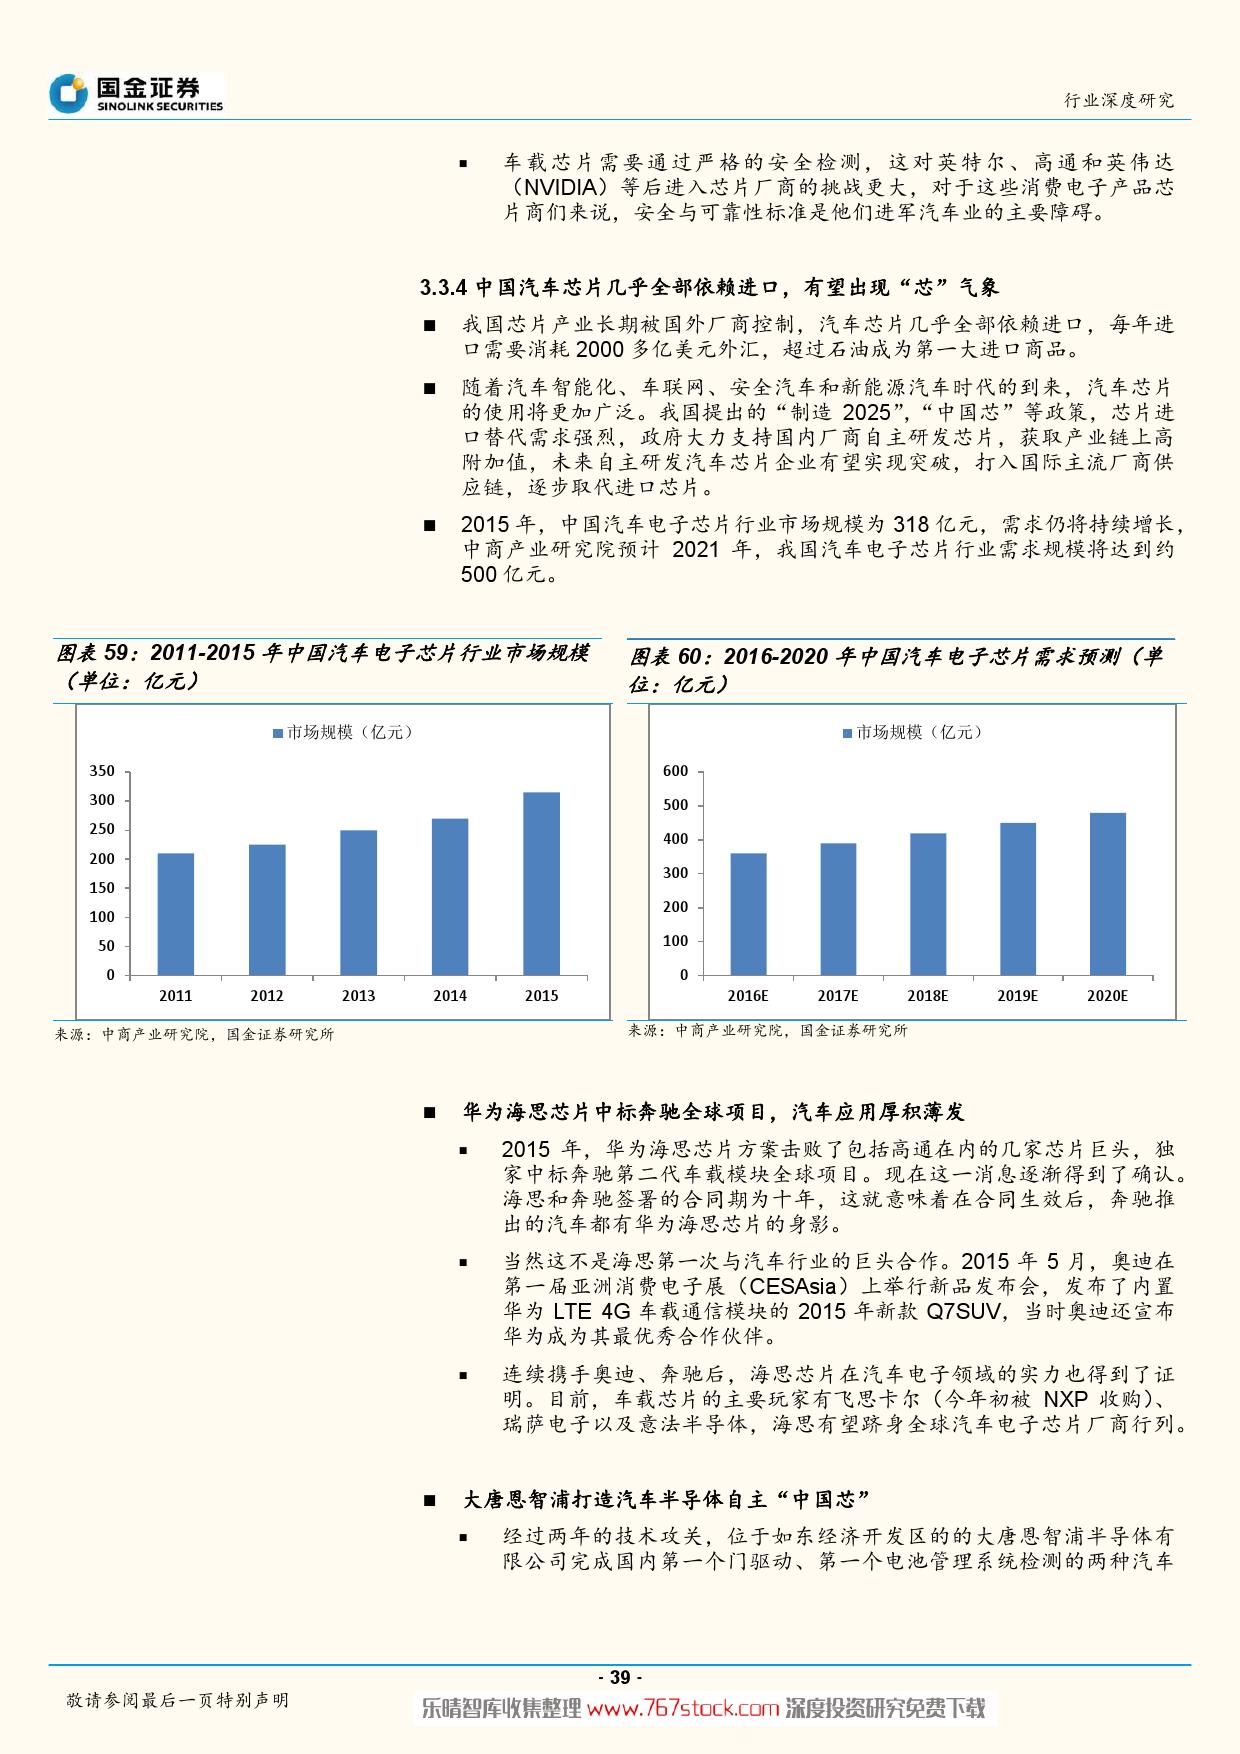 特斯拉产业系列深度报告-智能驾驶爆发在即_000039